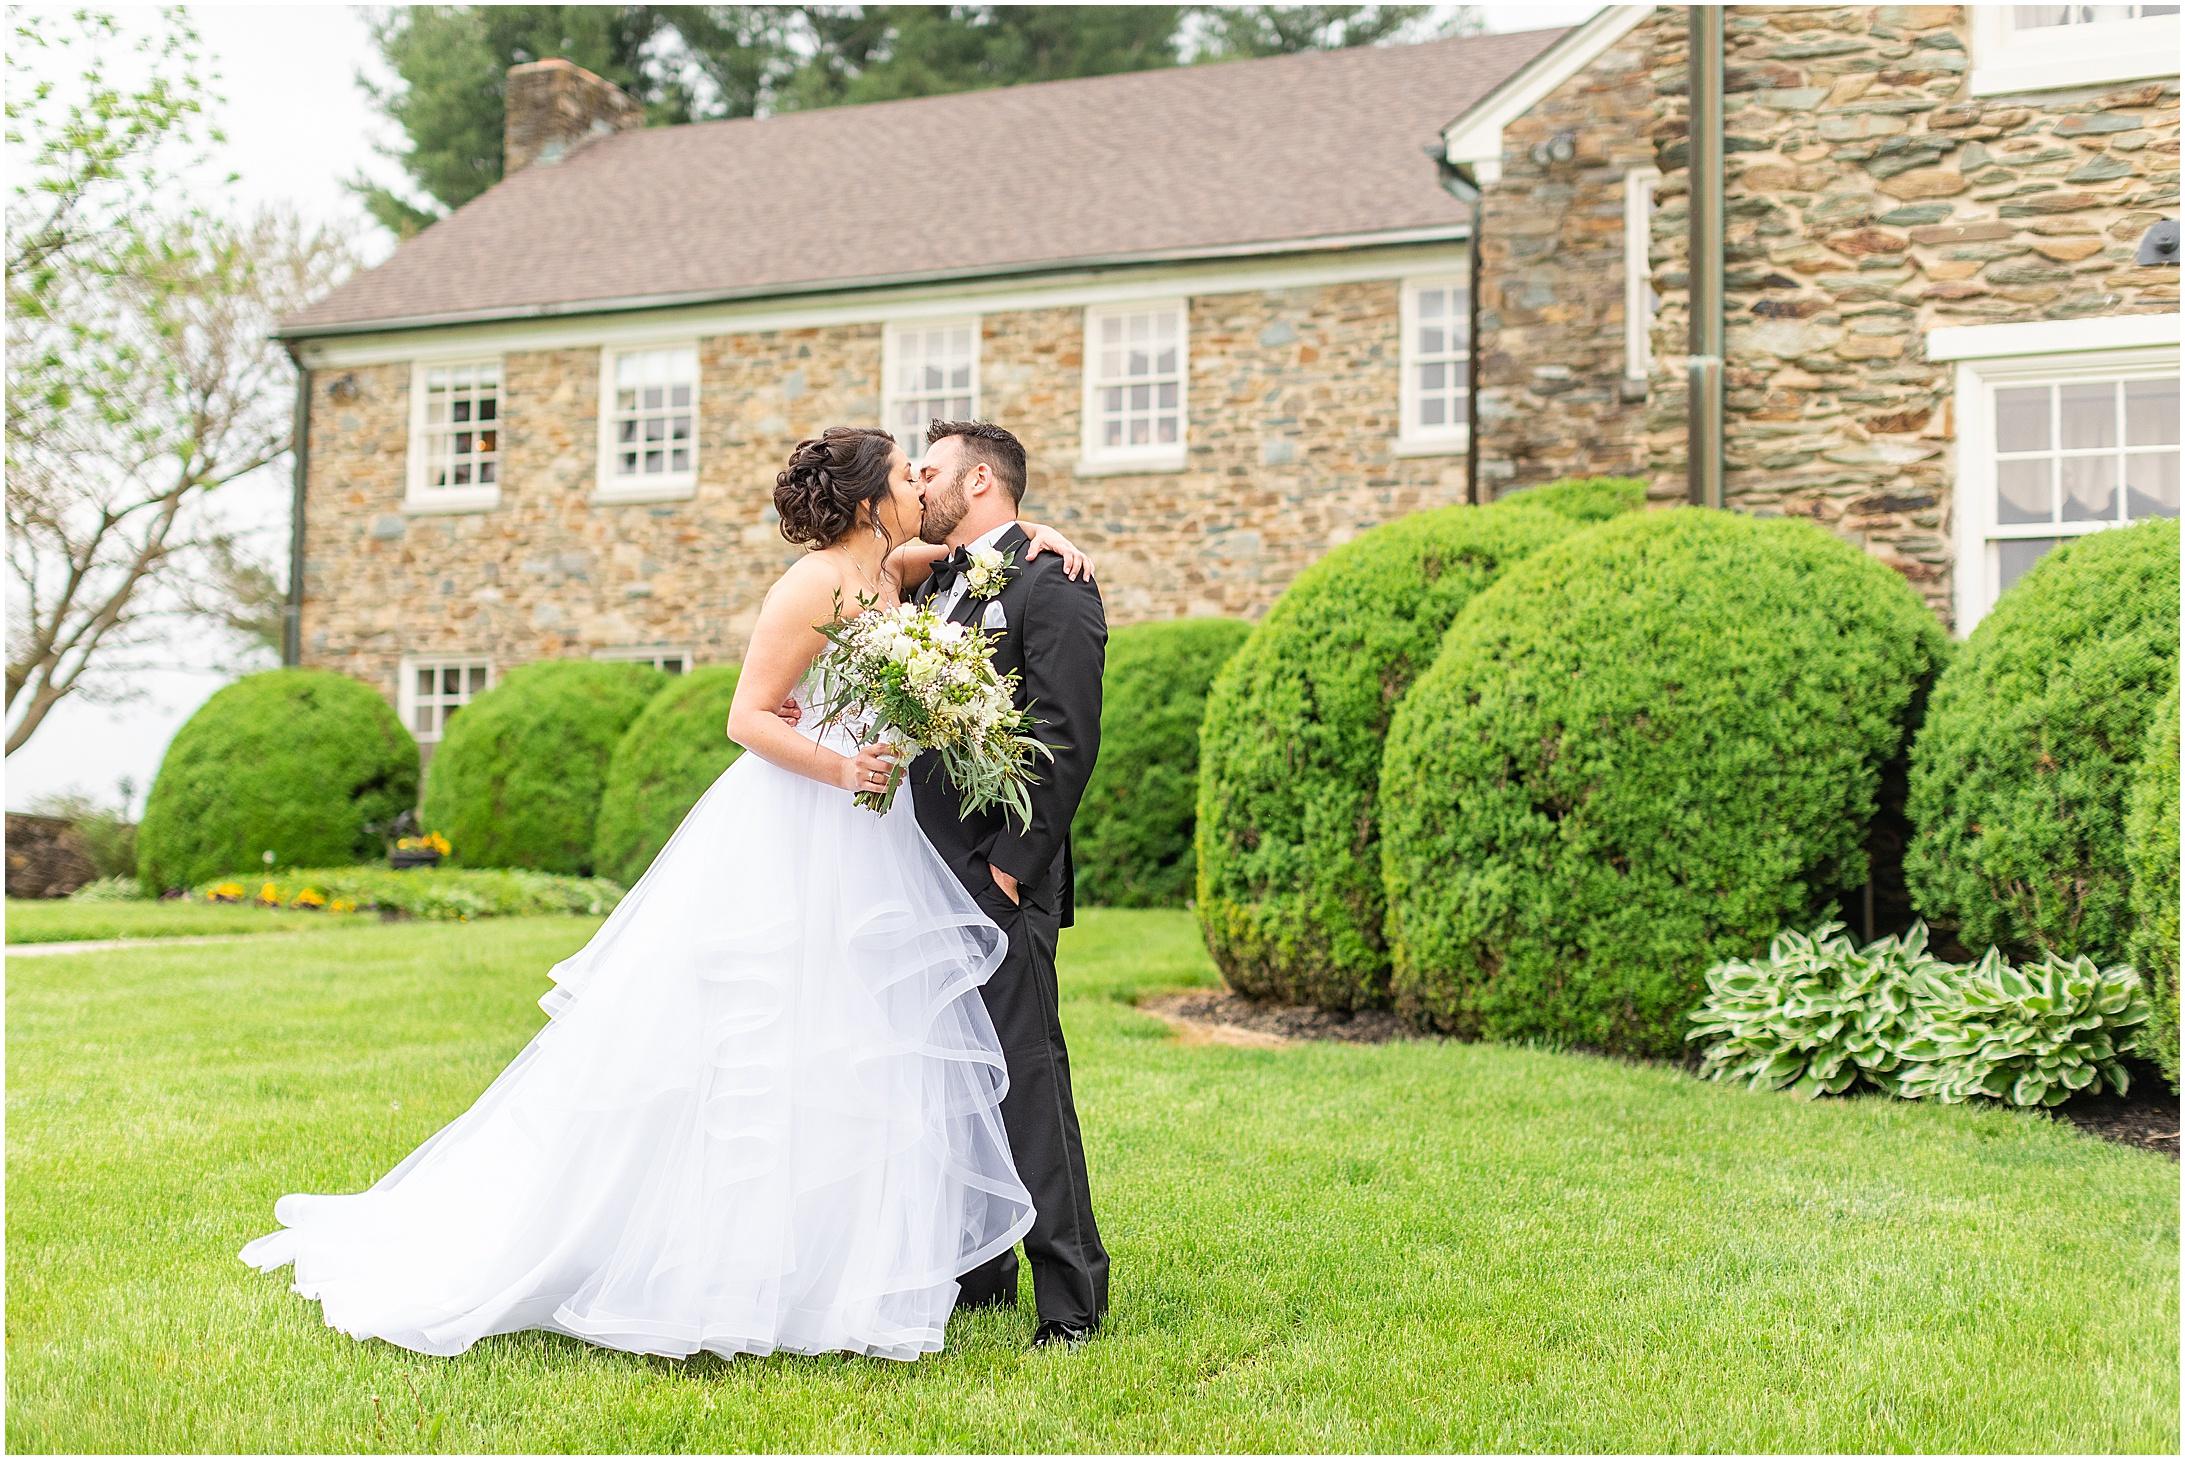 Stone-manor-country-club-wedding-photos-118.jpg